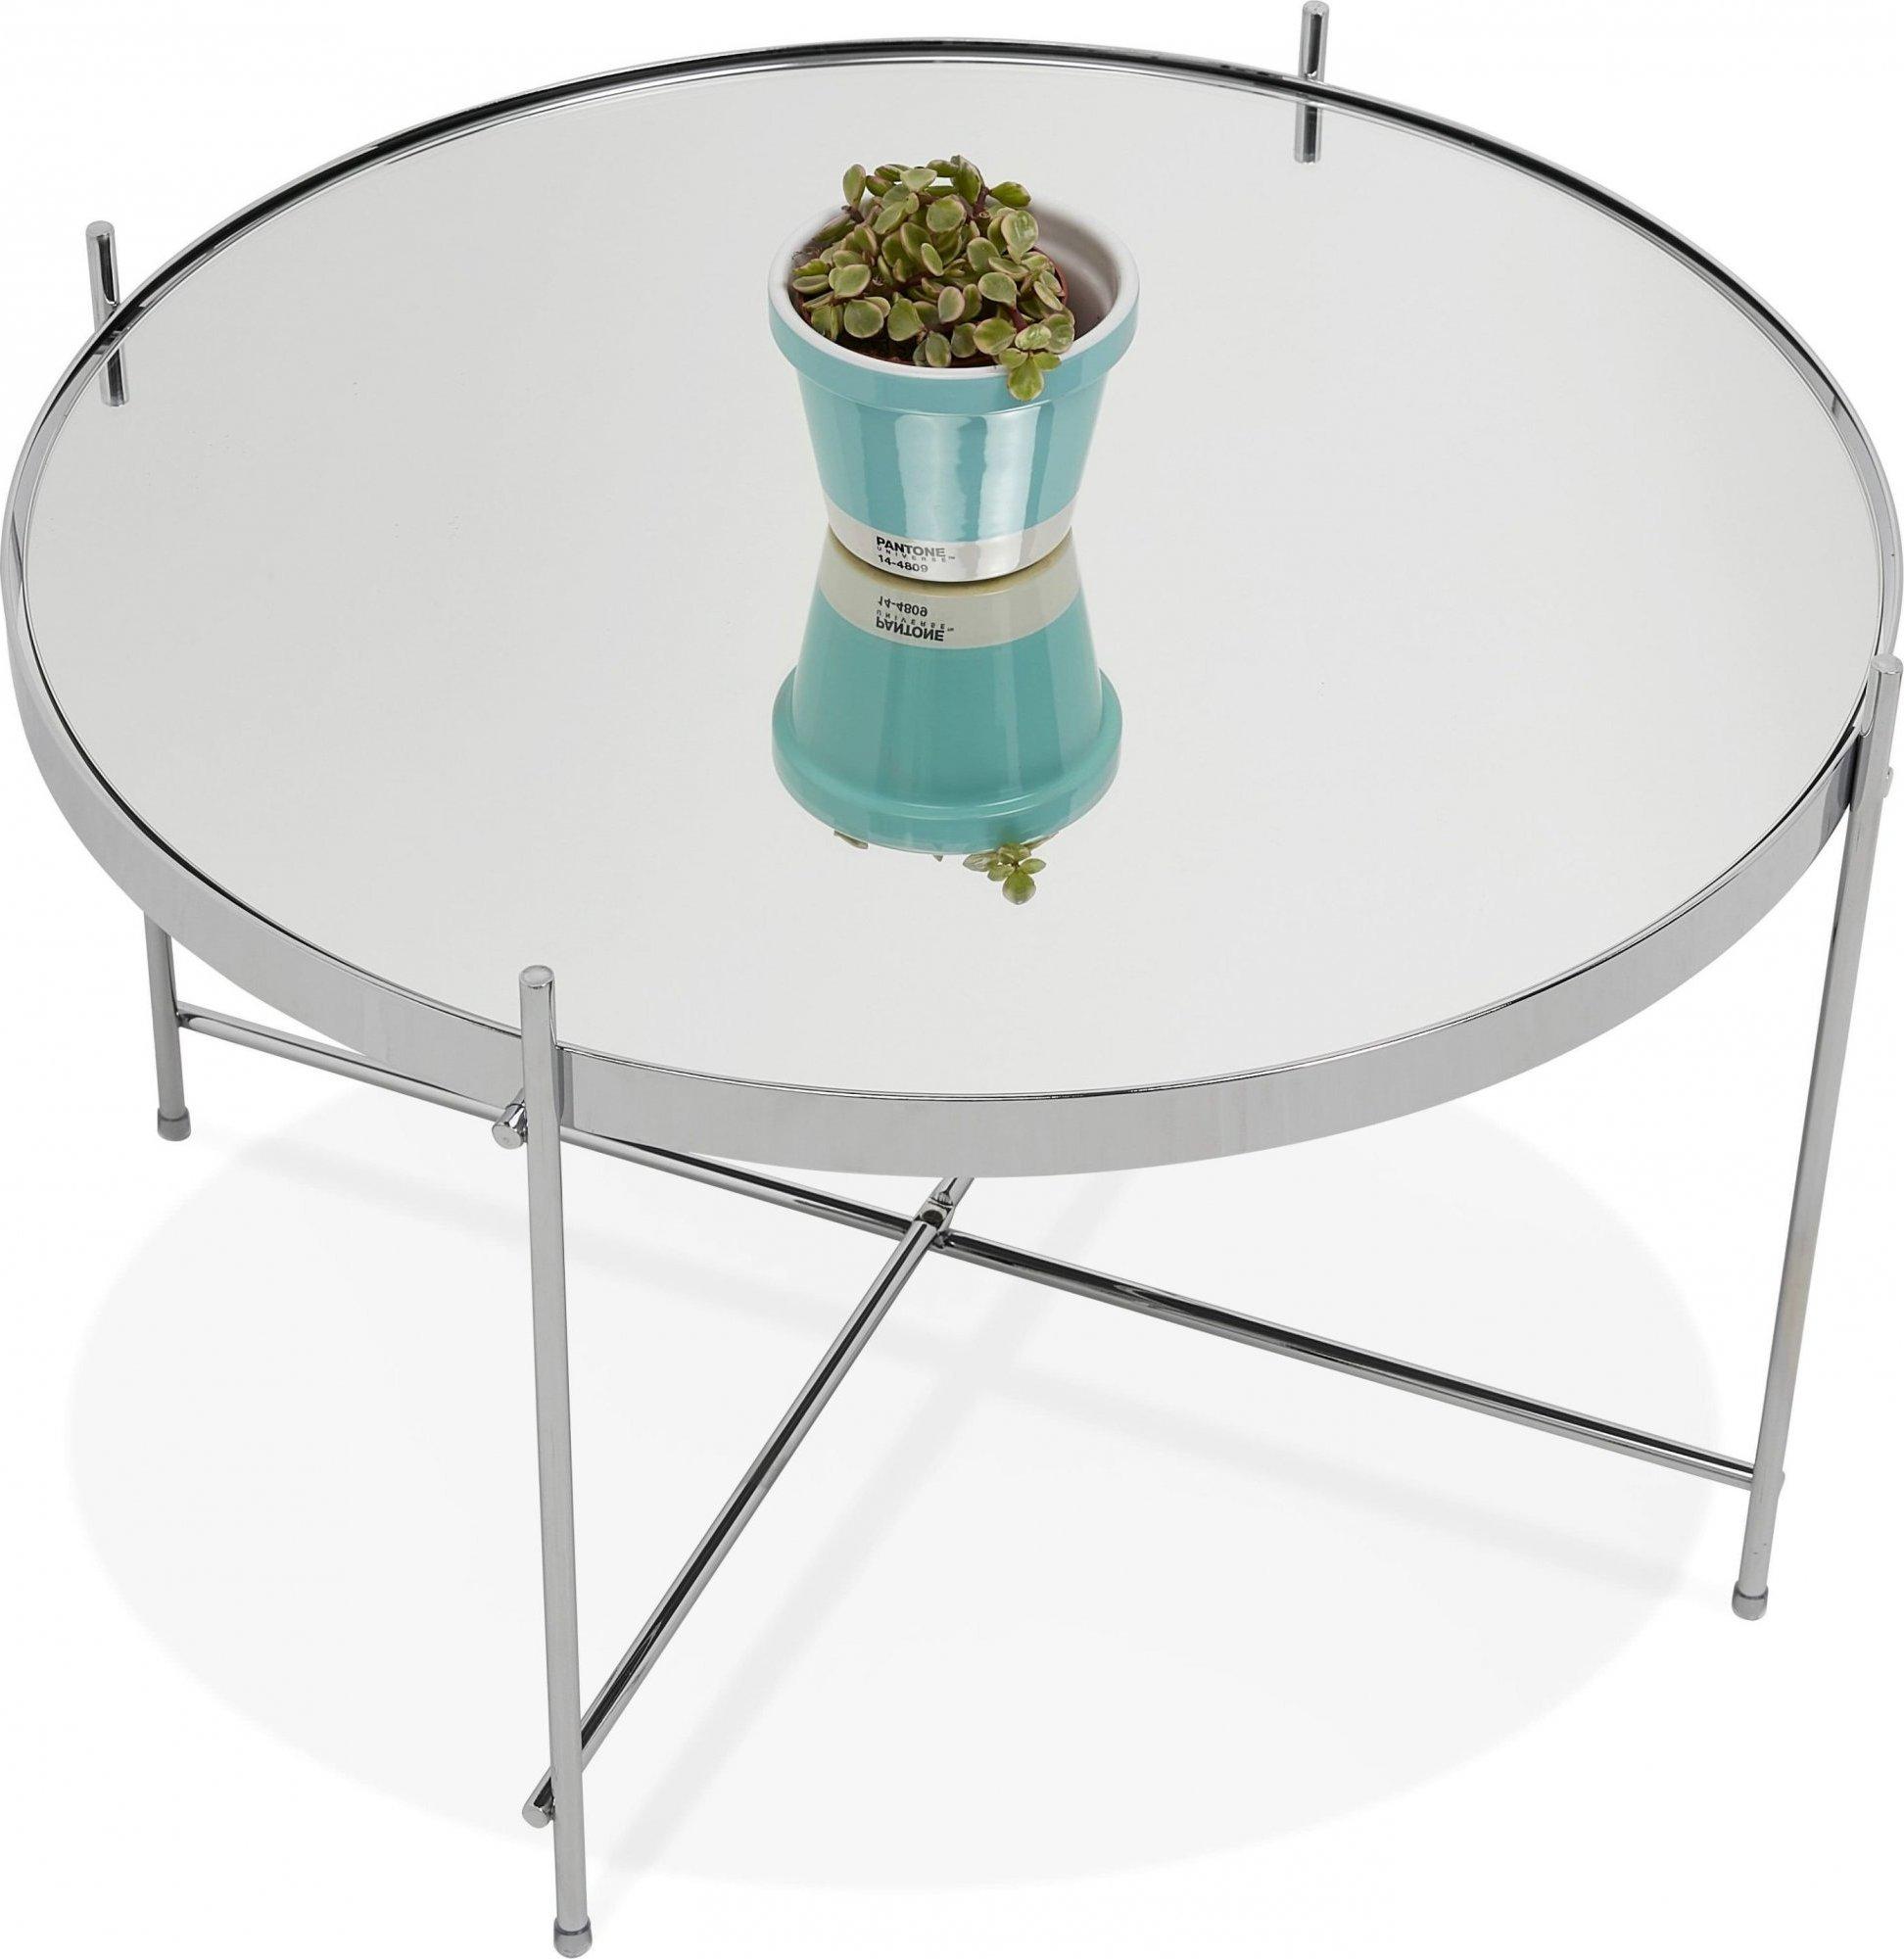 Table basse design métal et verre miroir chrome d63cm